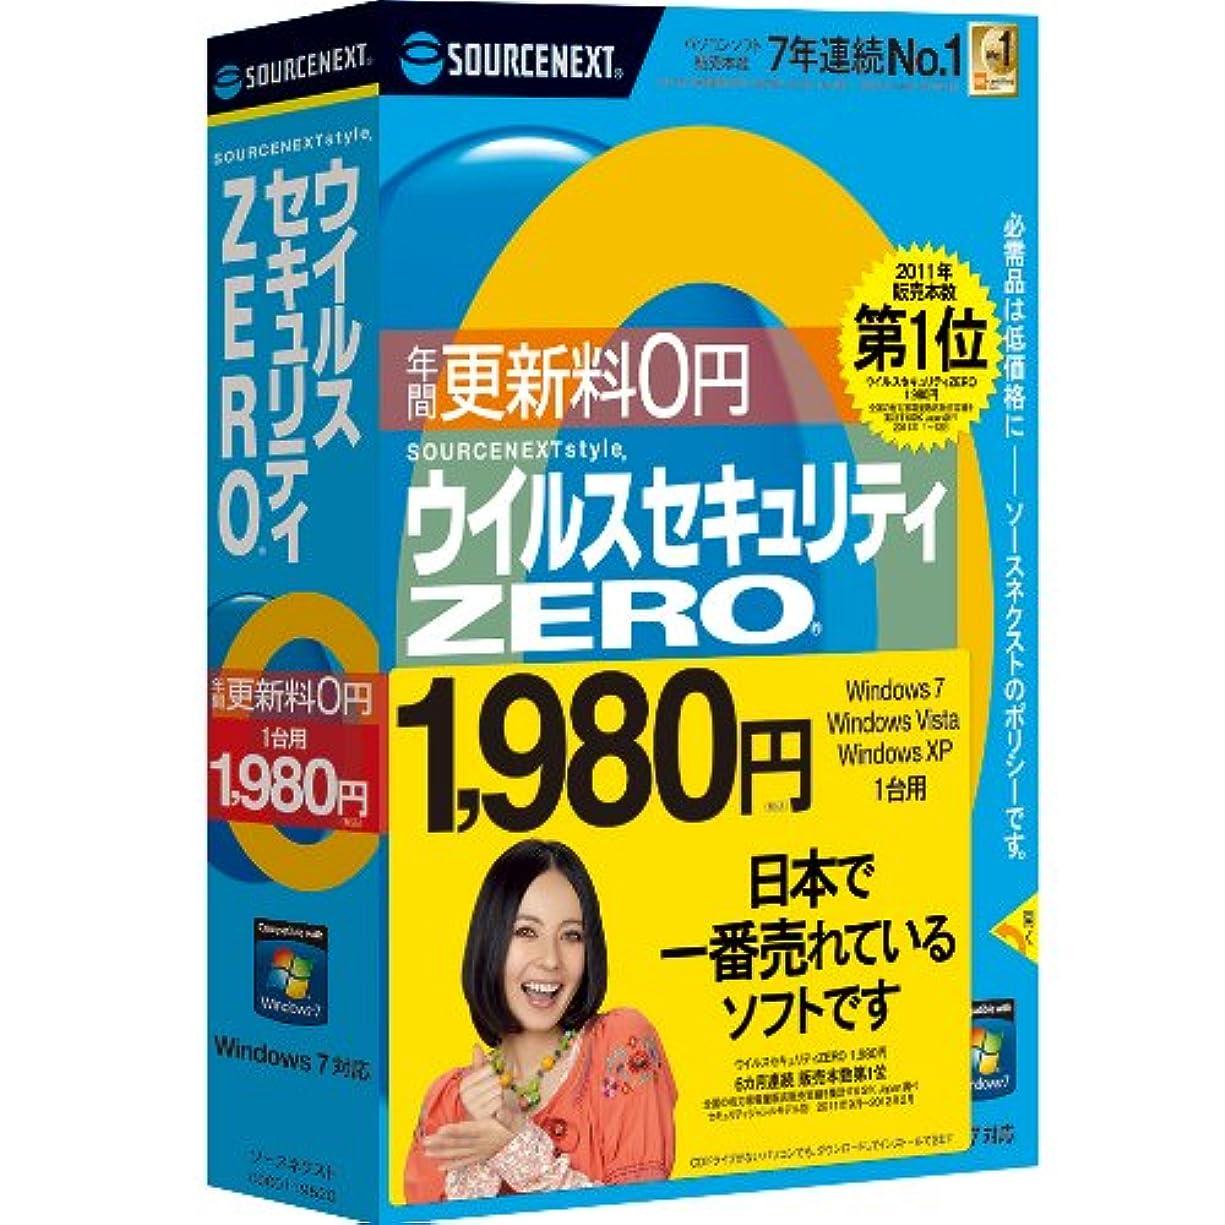 ウイルスセキュリティZERO 1,980円 (CD版)(旧版)